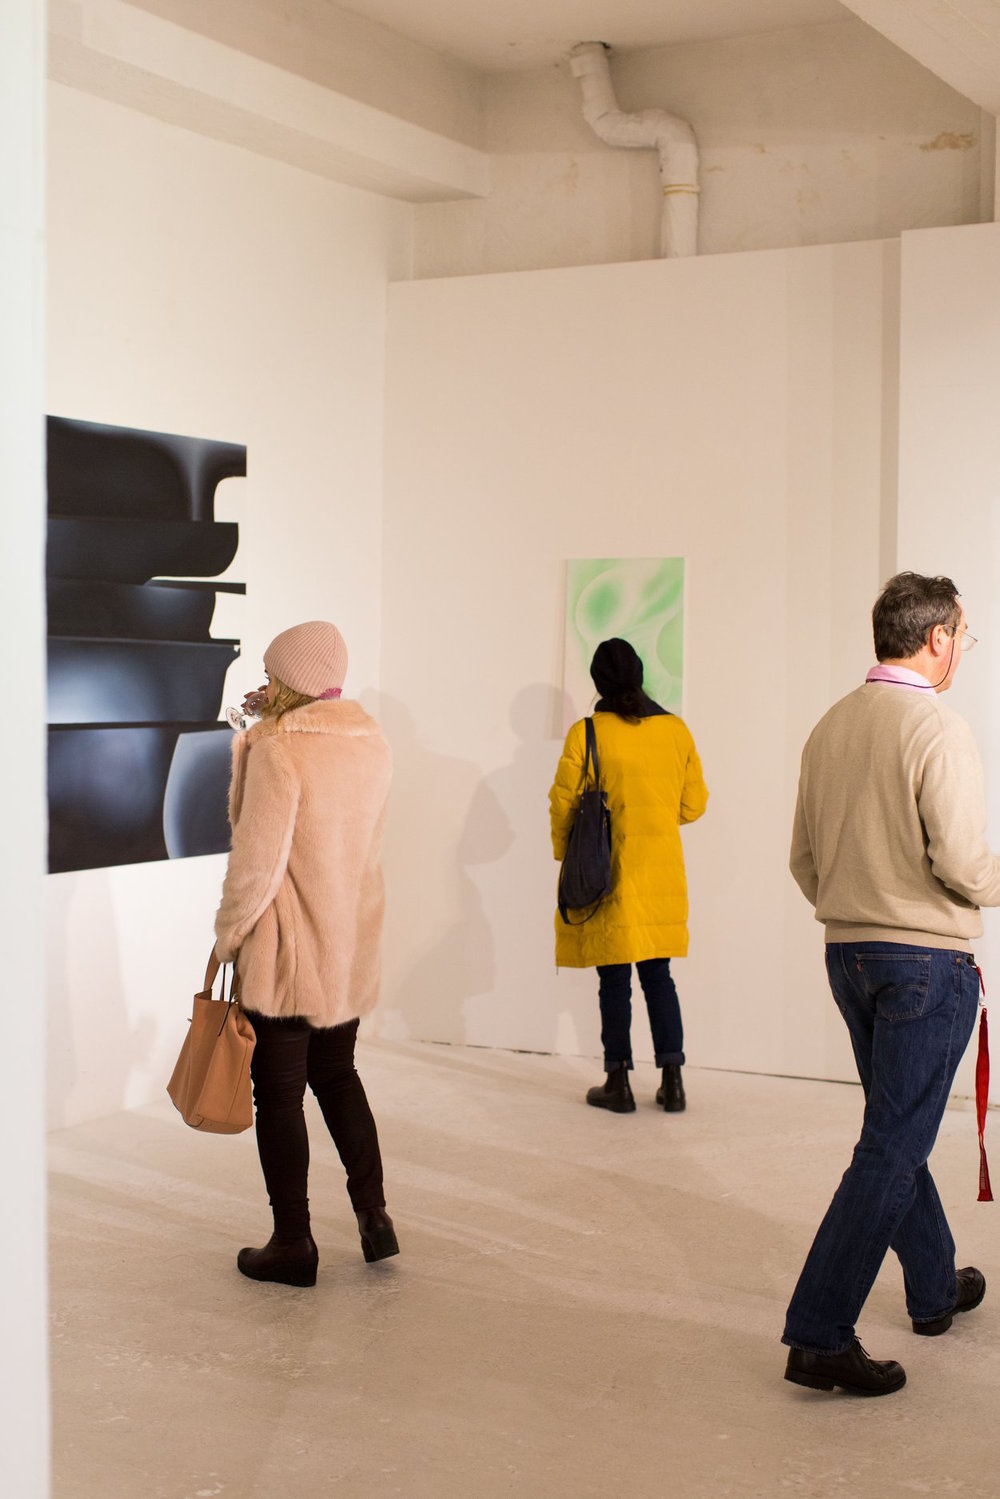 Eröffnung der Ausstellung: Ena Oppenheimer- Change of State, 2018